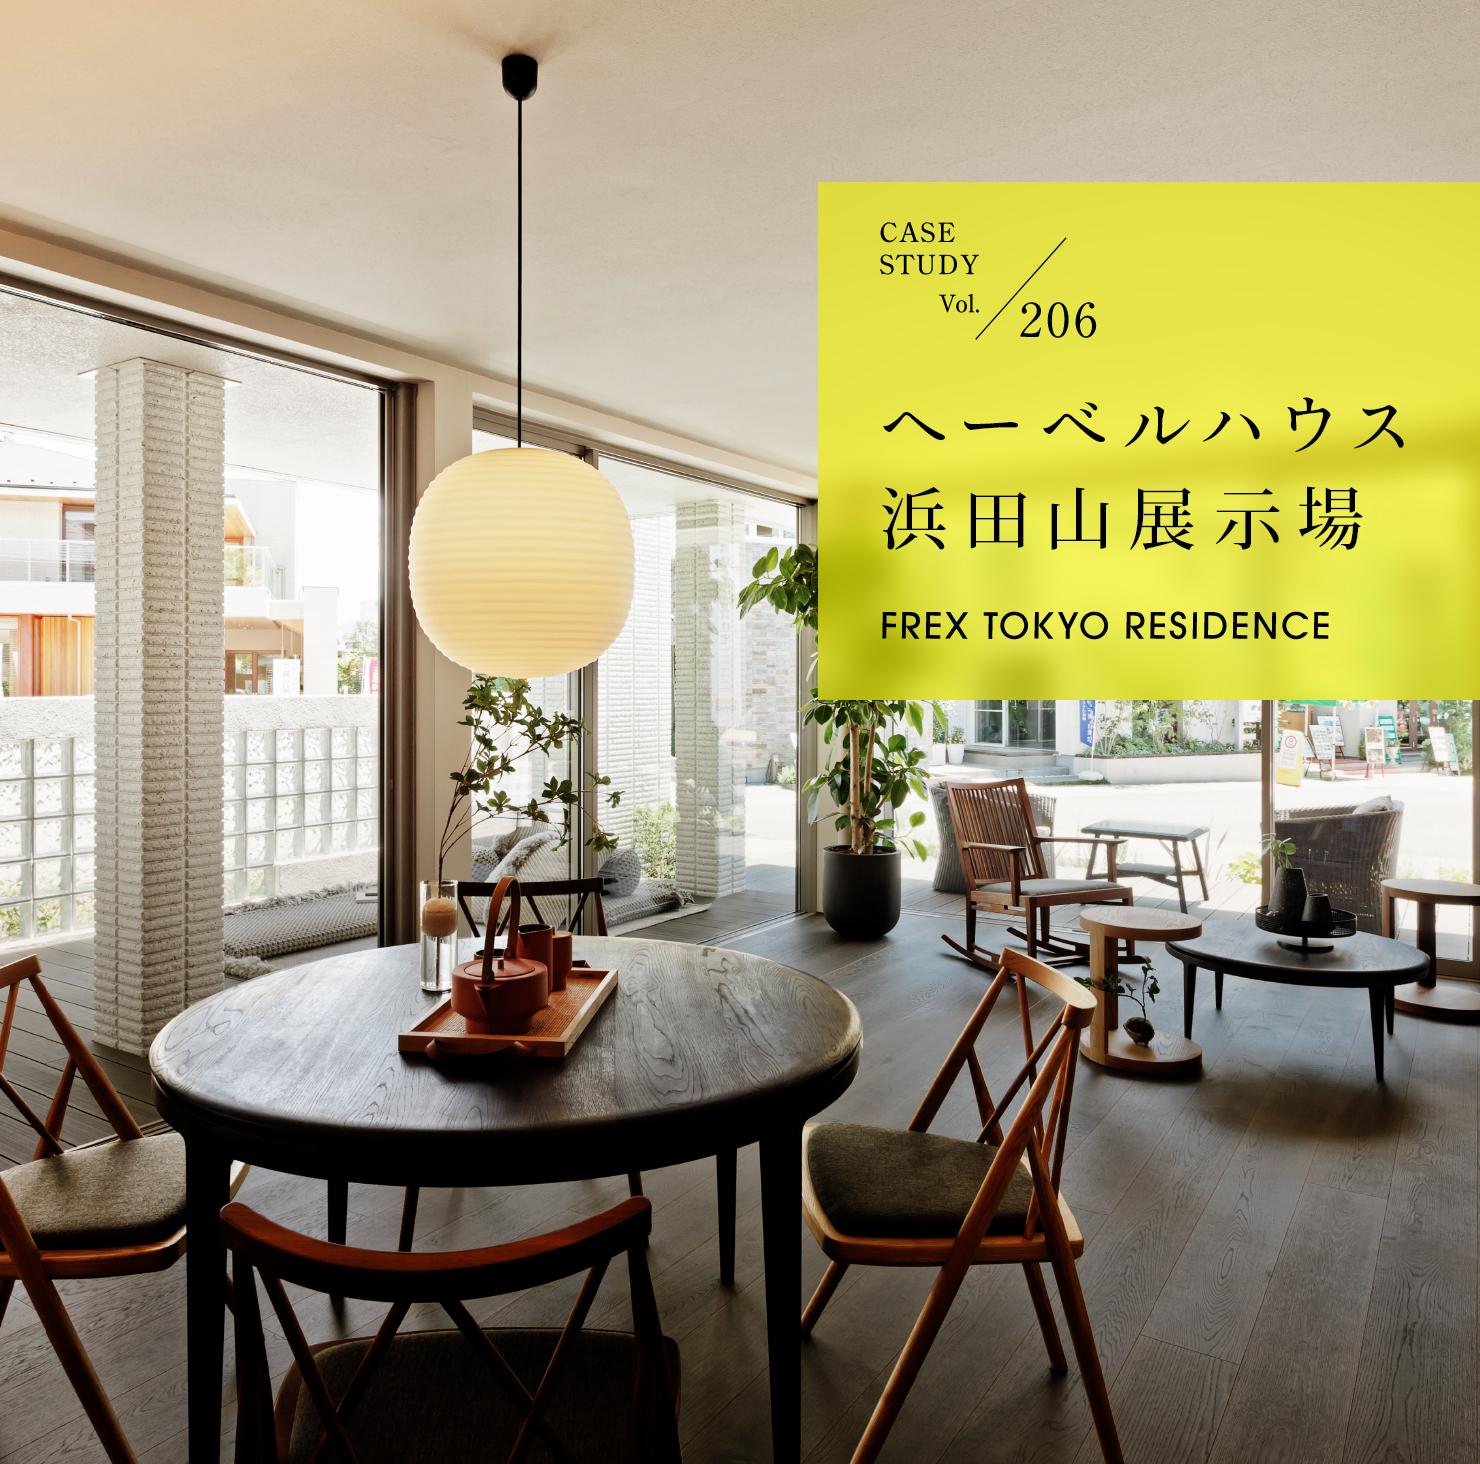 CASE STUDY Vol.206 へーベルハウス浜田山展示場 FREX TOKYO RESIDENCE